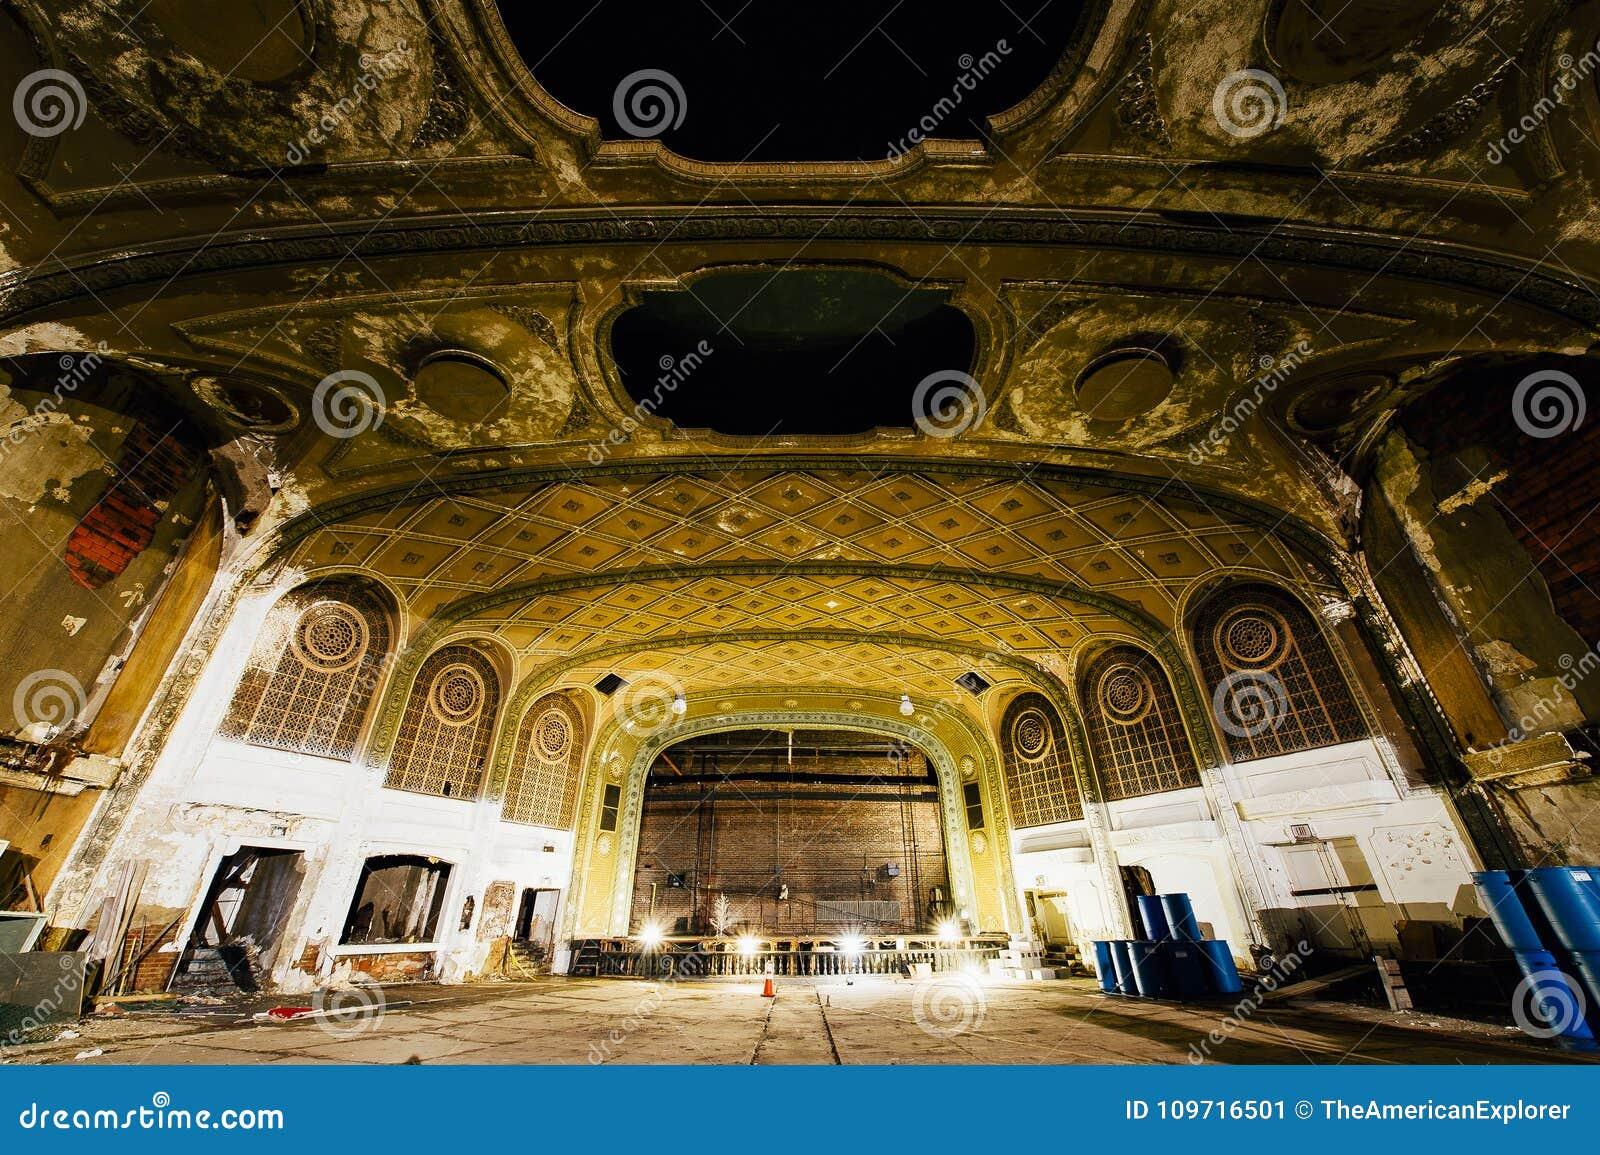 Abandoned Variety Theater - Cleveland, Ohio